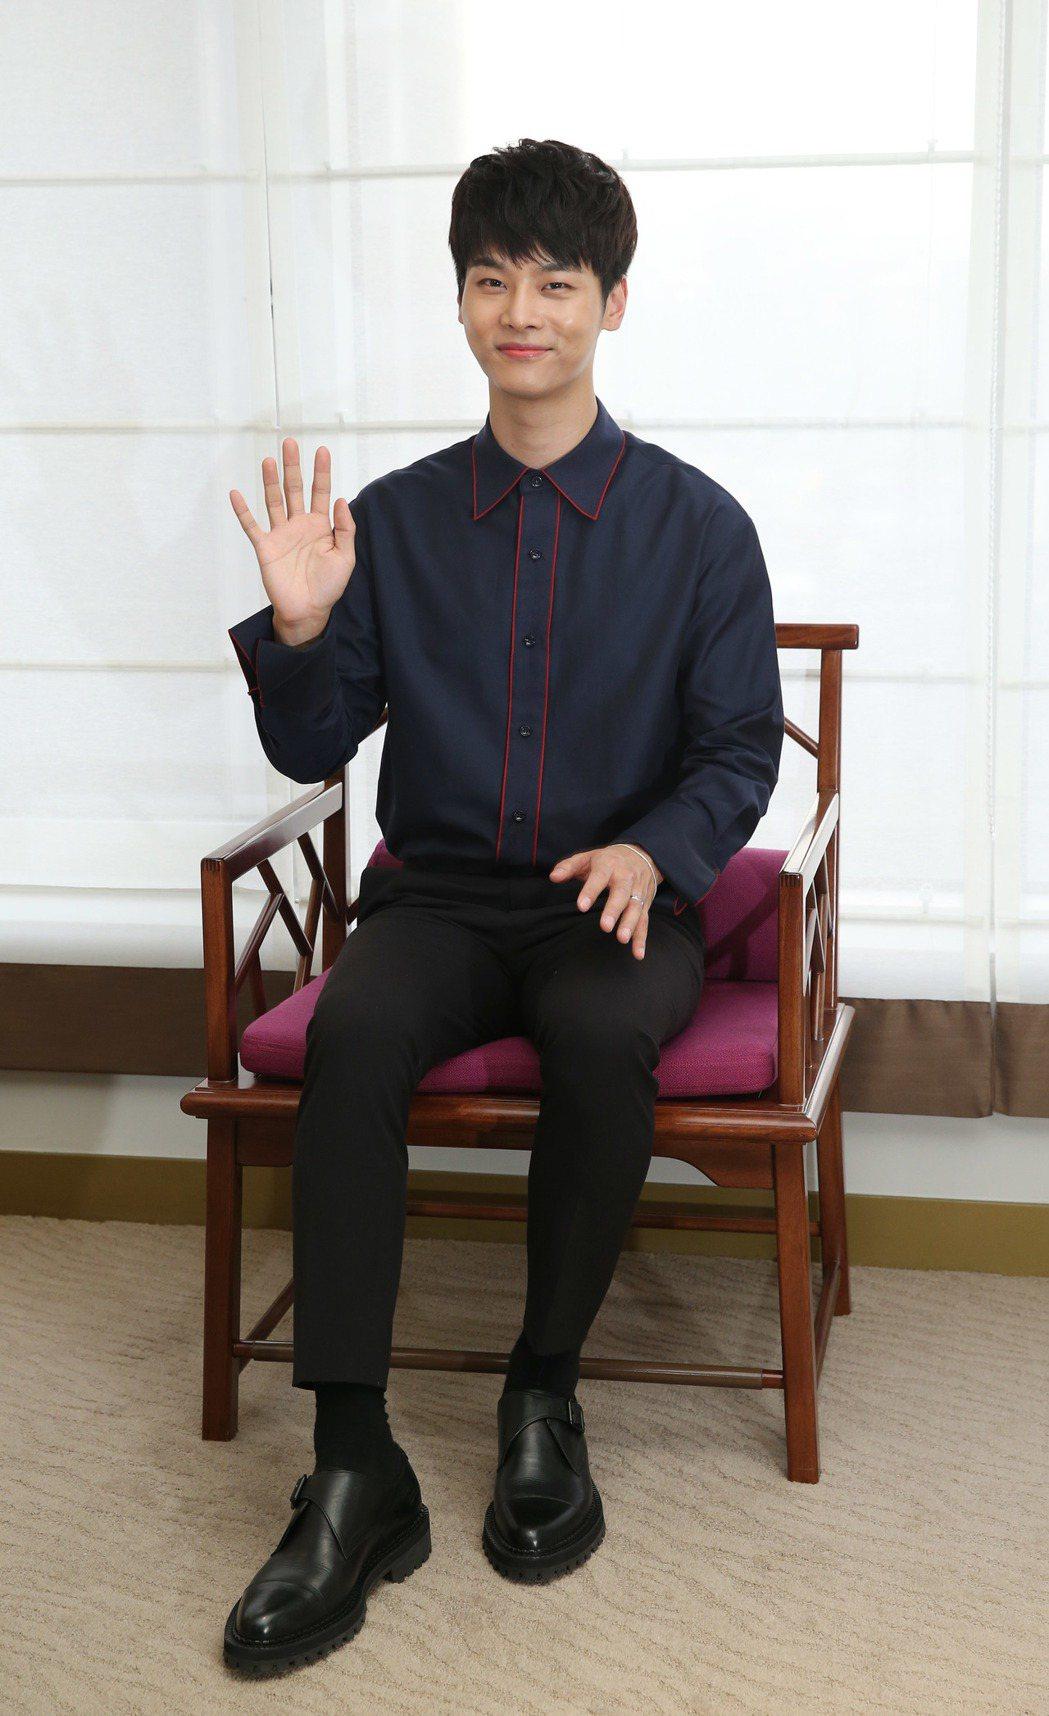 韓團vixx 隊長N訪台。記者陳瑞源/攝影